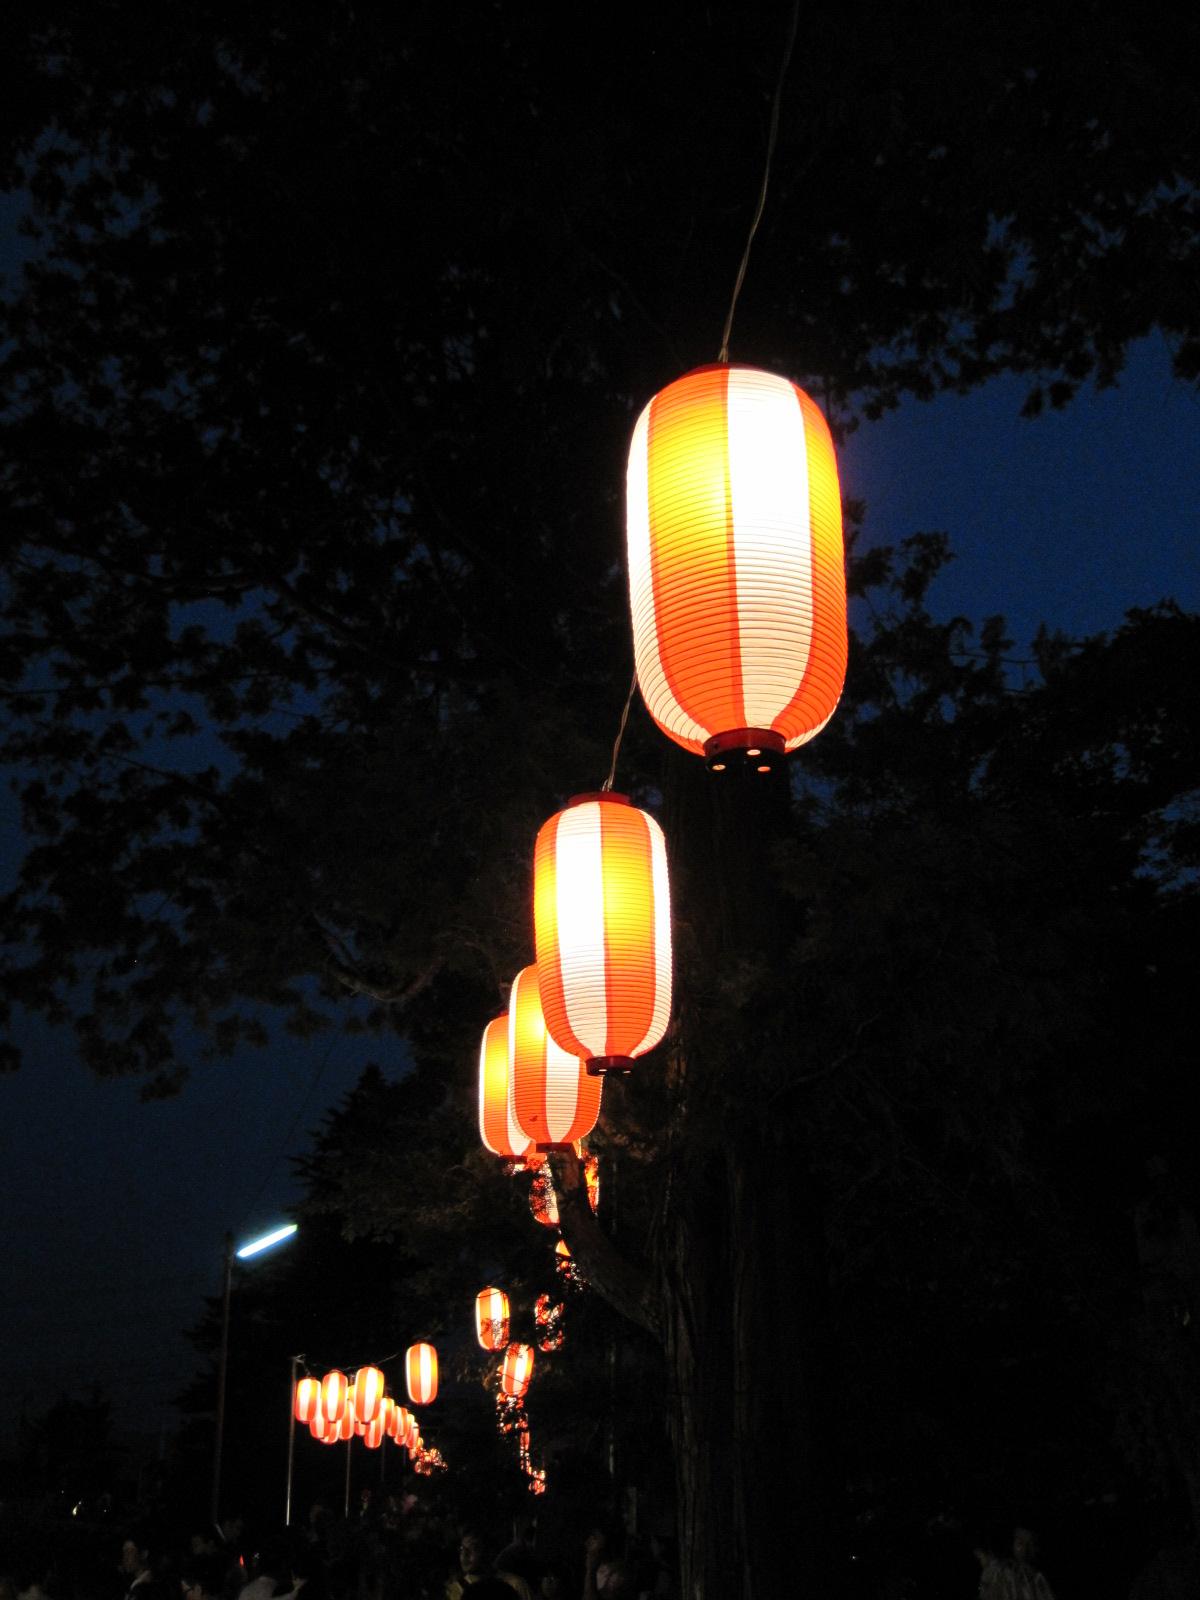 長倉神社の花火&アウトレットの花火_f0236260_14261455.jpg